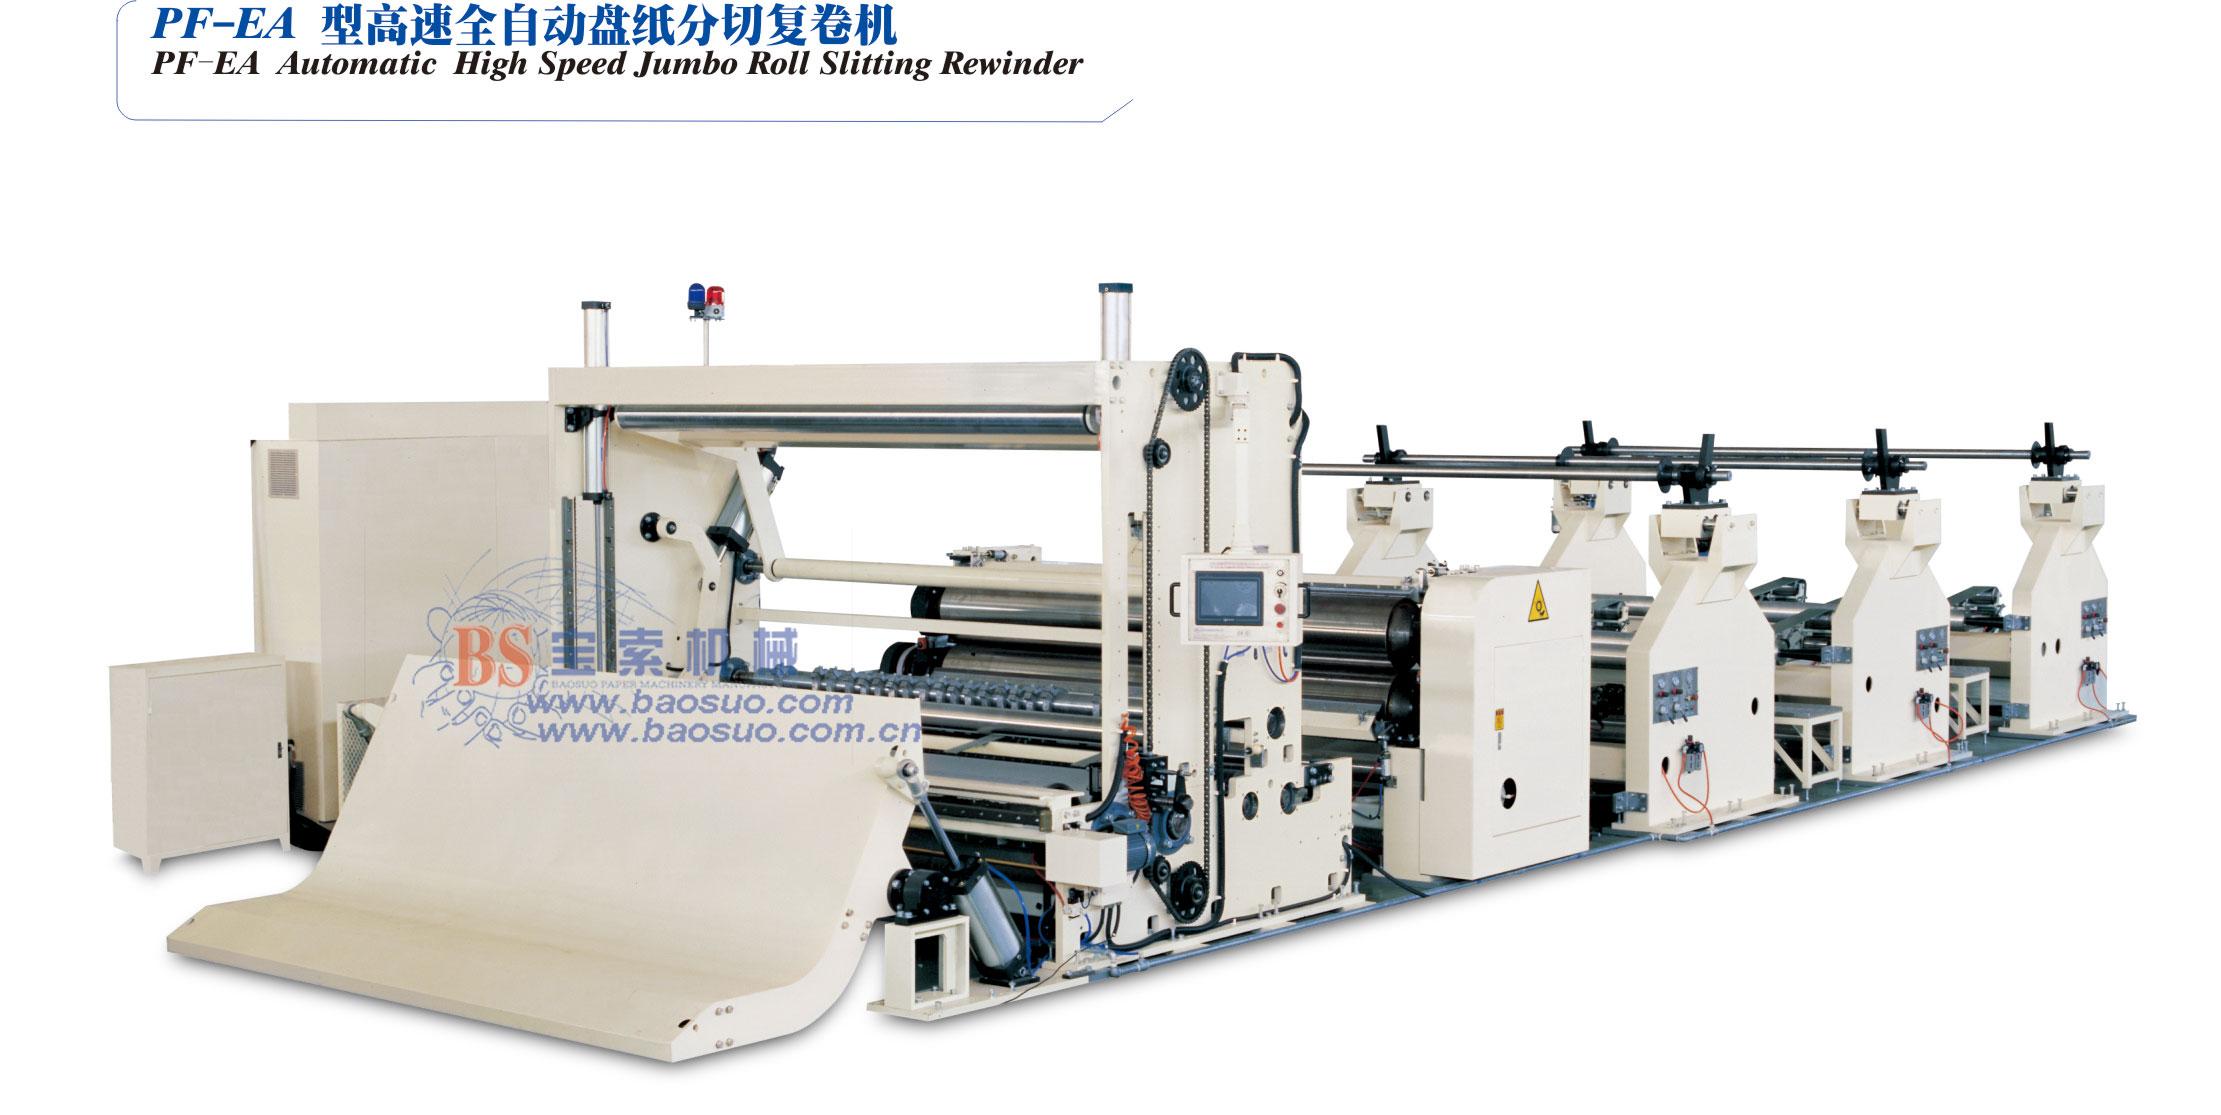 Высокоскоростной, полноавтоматический перемоточный станок разрезания бобинной бумаги типа PF-EA